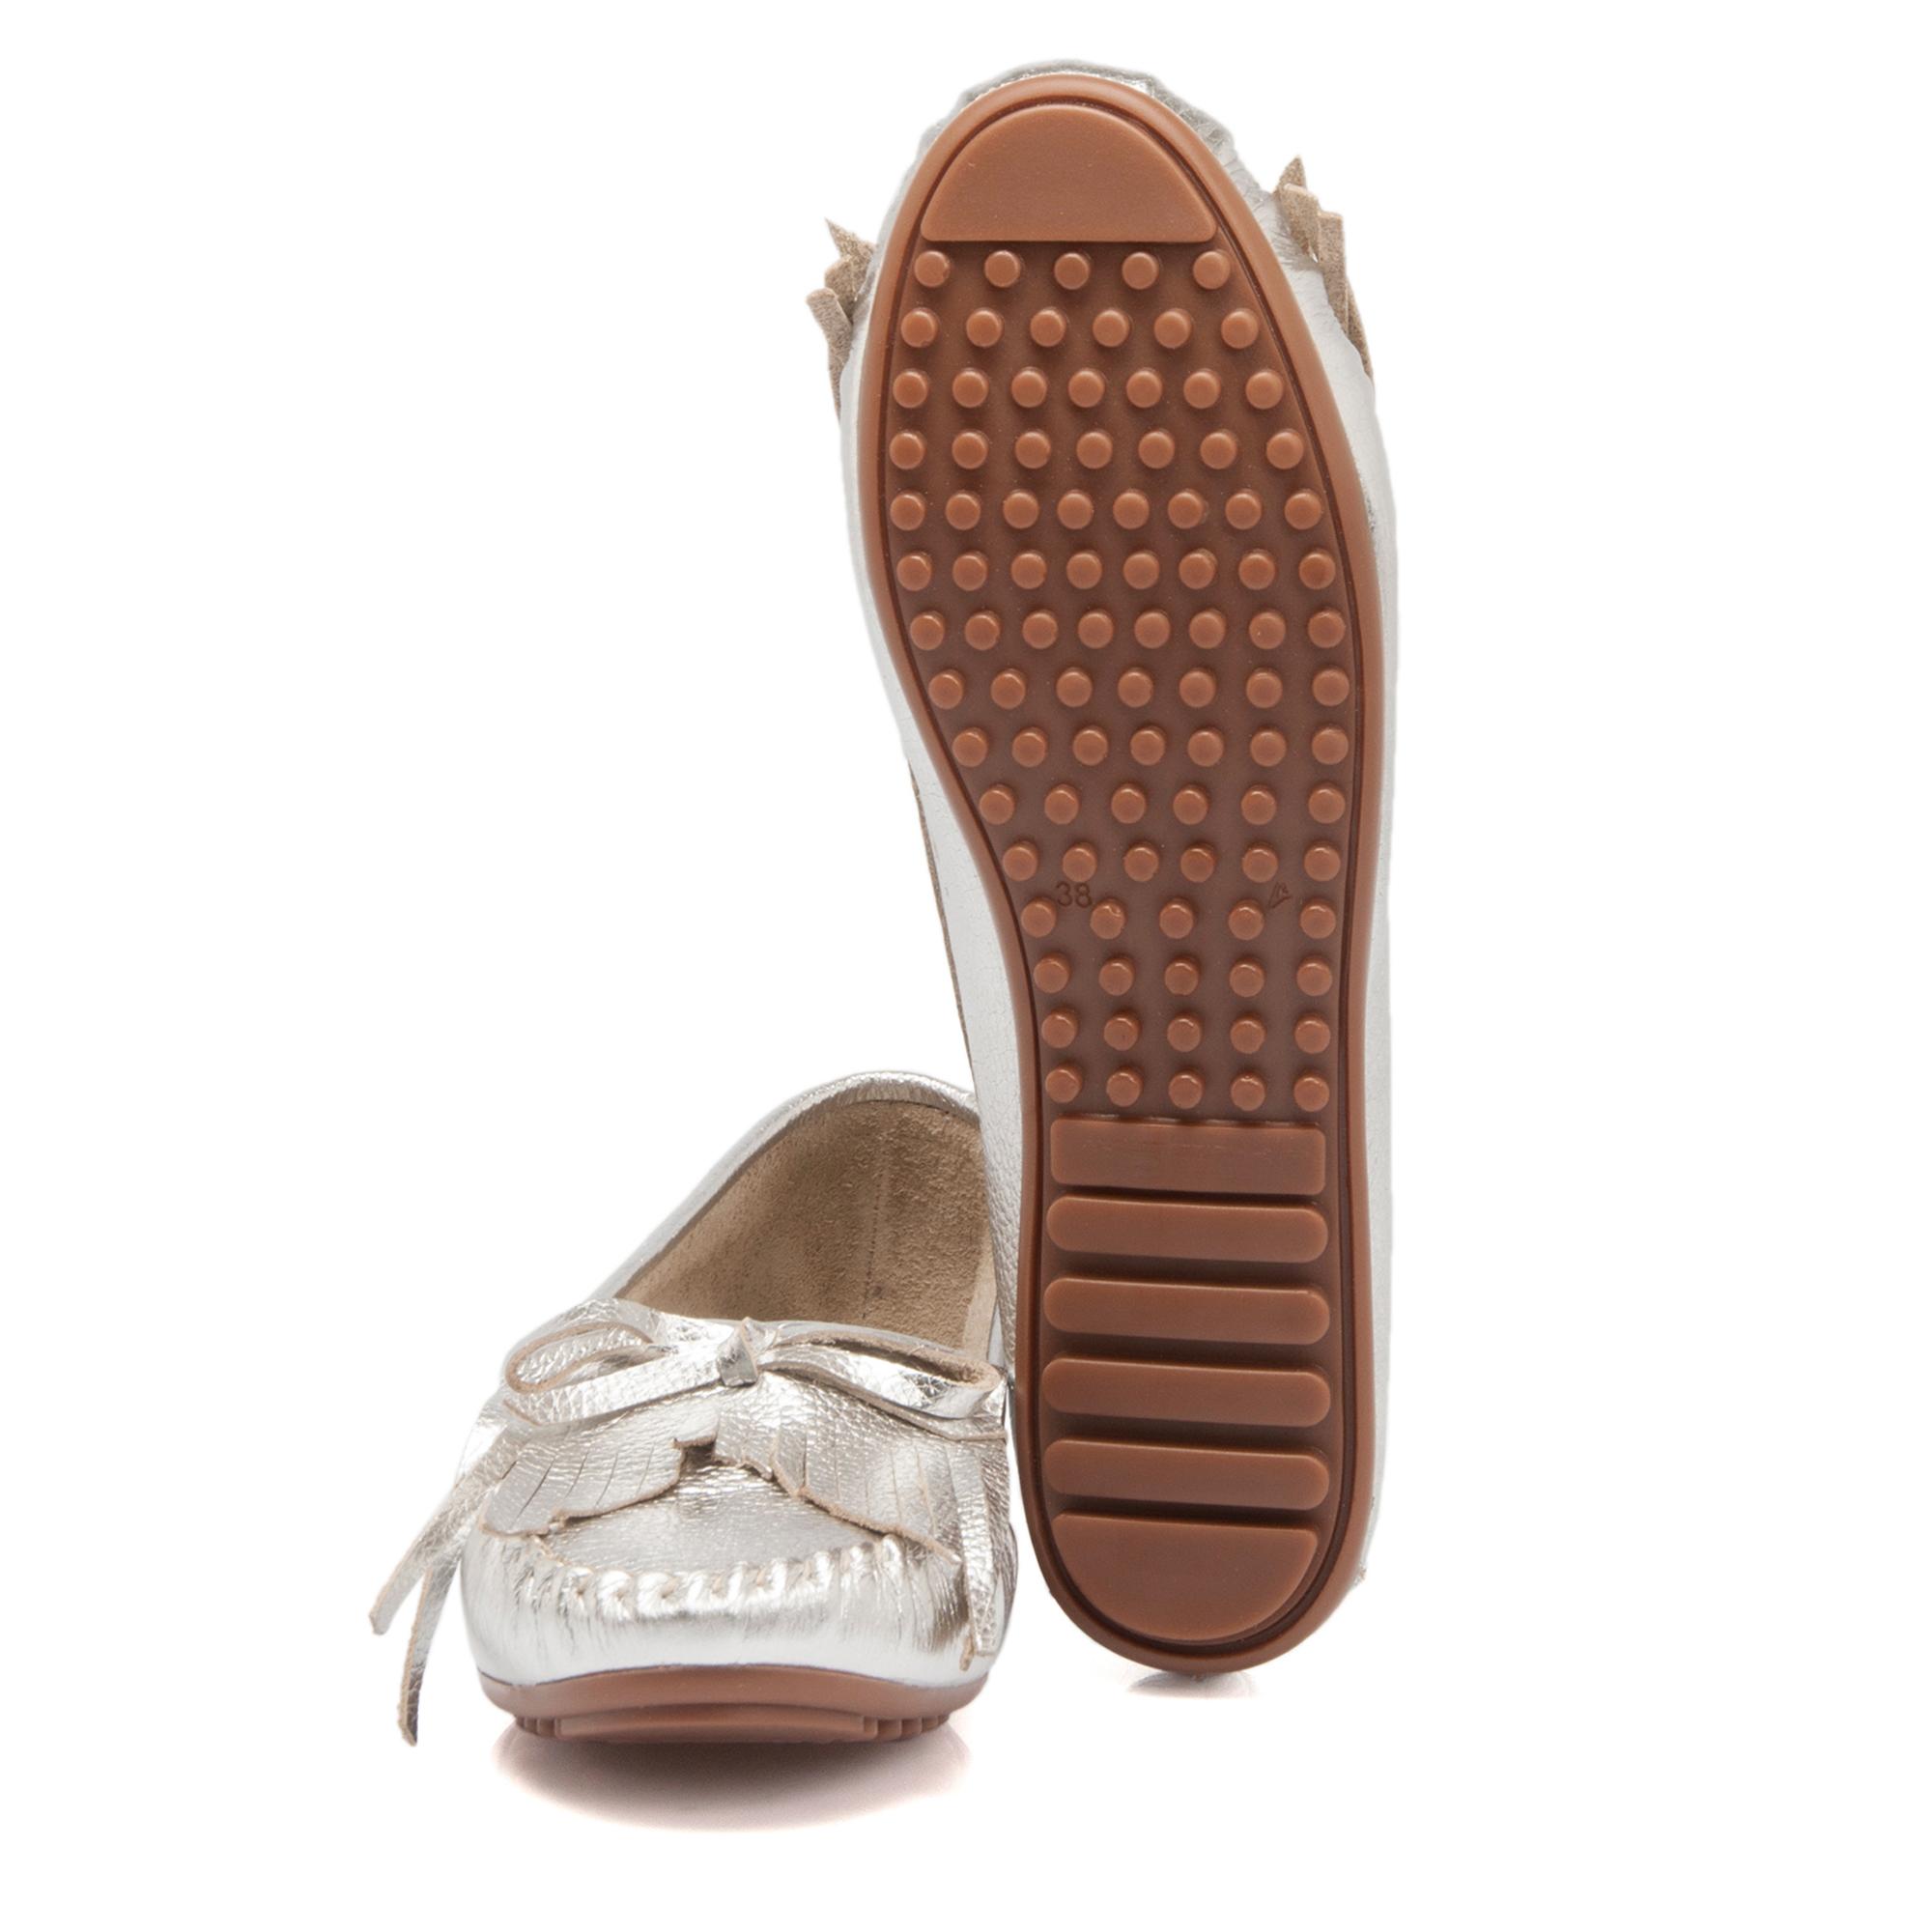 Lame Deri Kadın Ayakkabı 64215A33